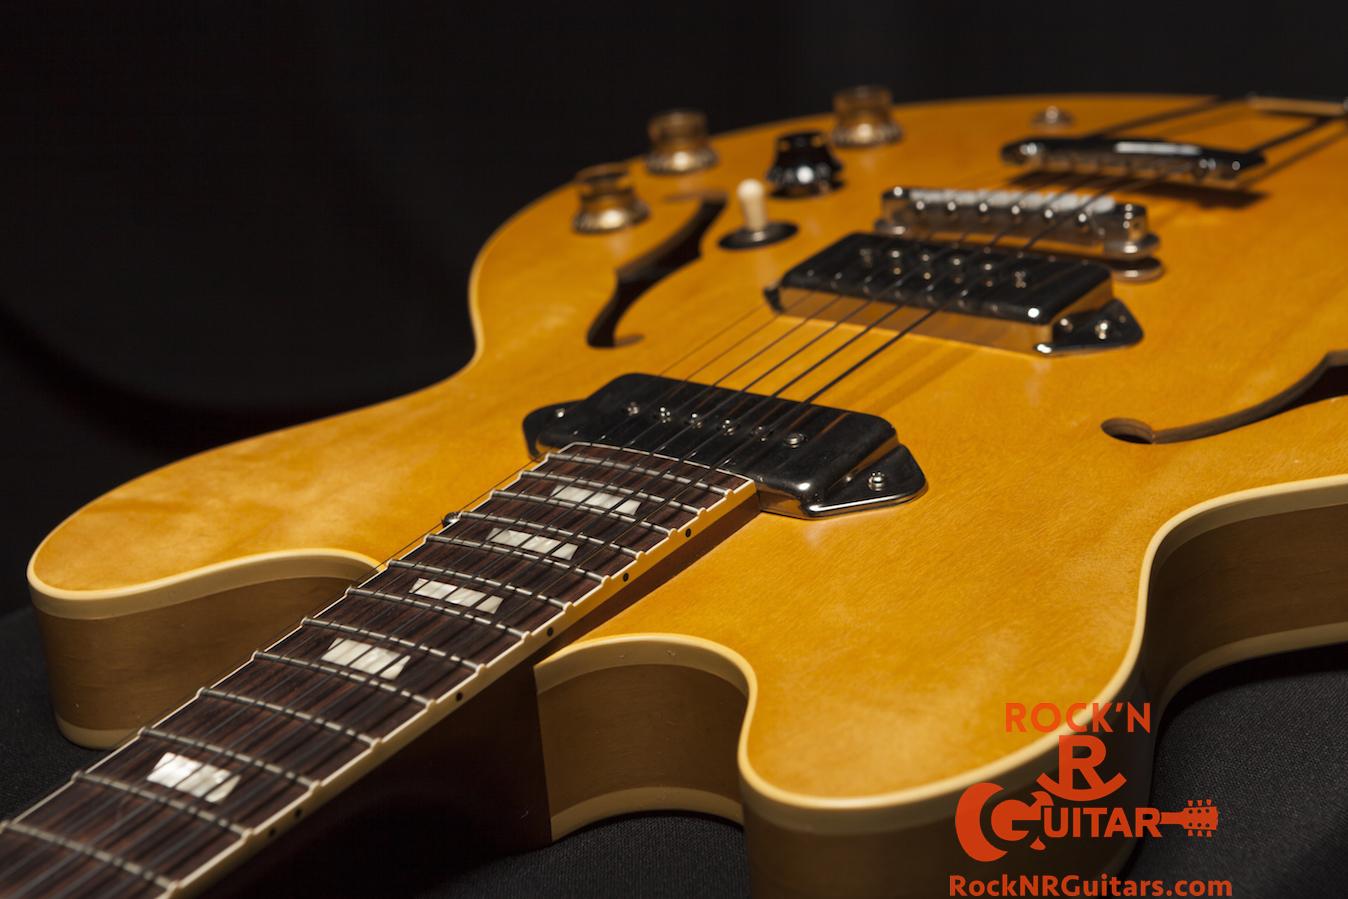 Rock N R Guitars 1965 Epiphone John Lennon Revolution Casino